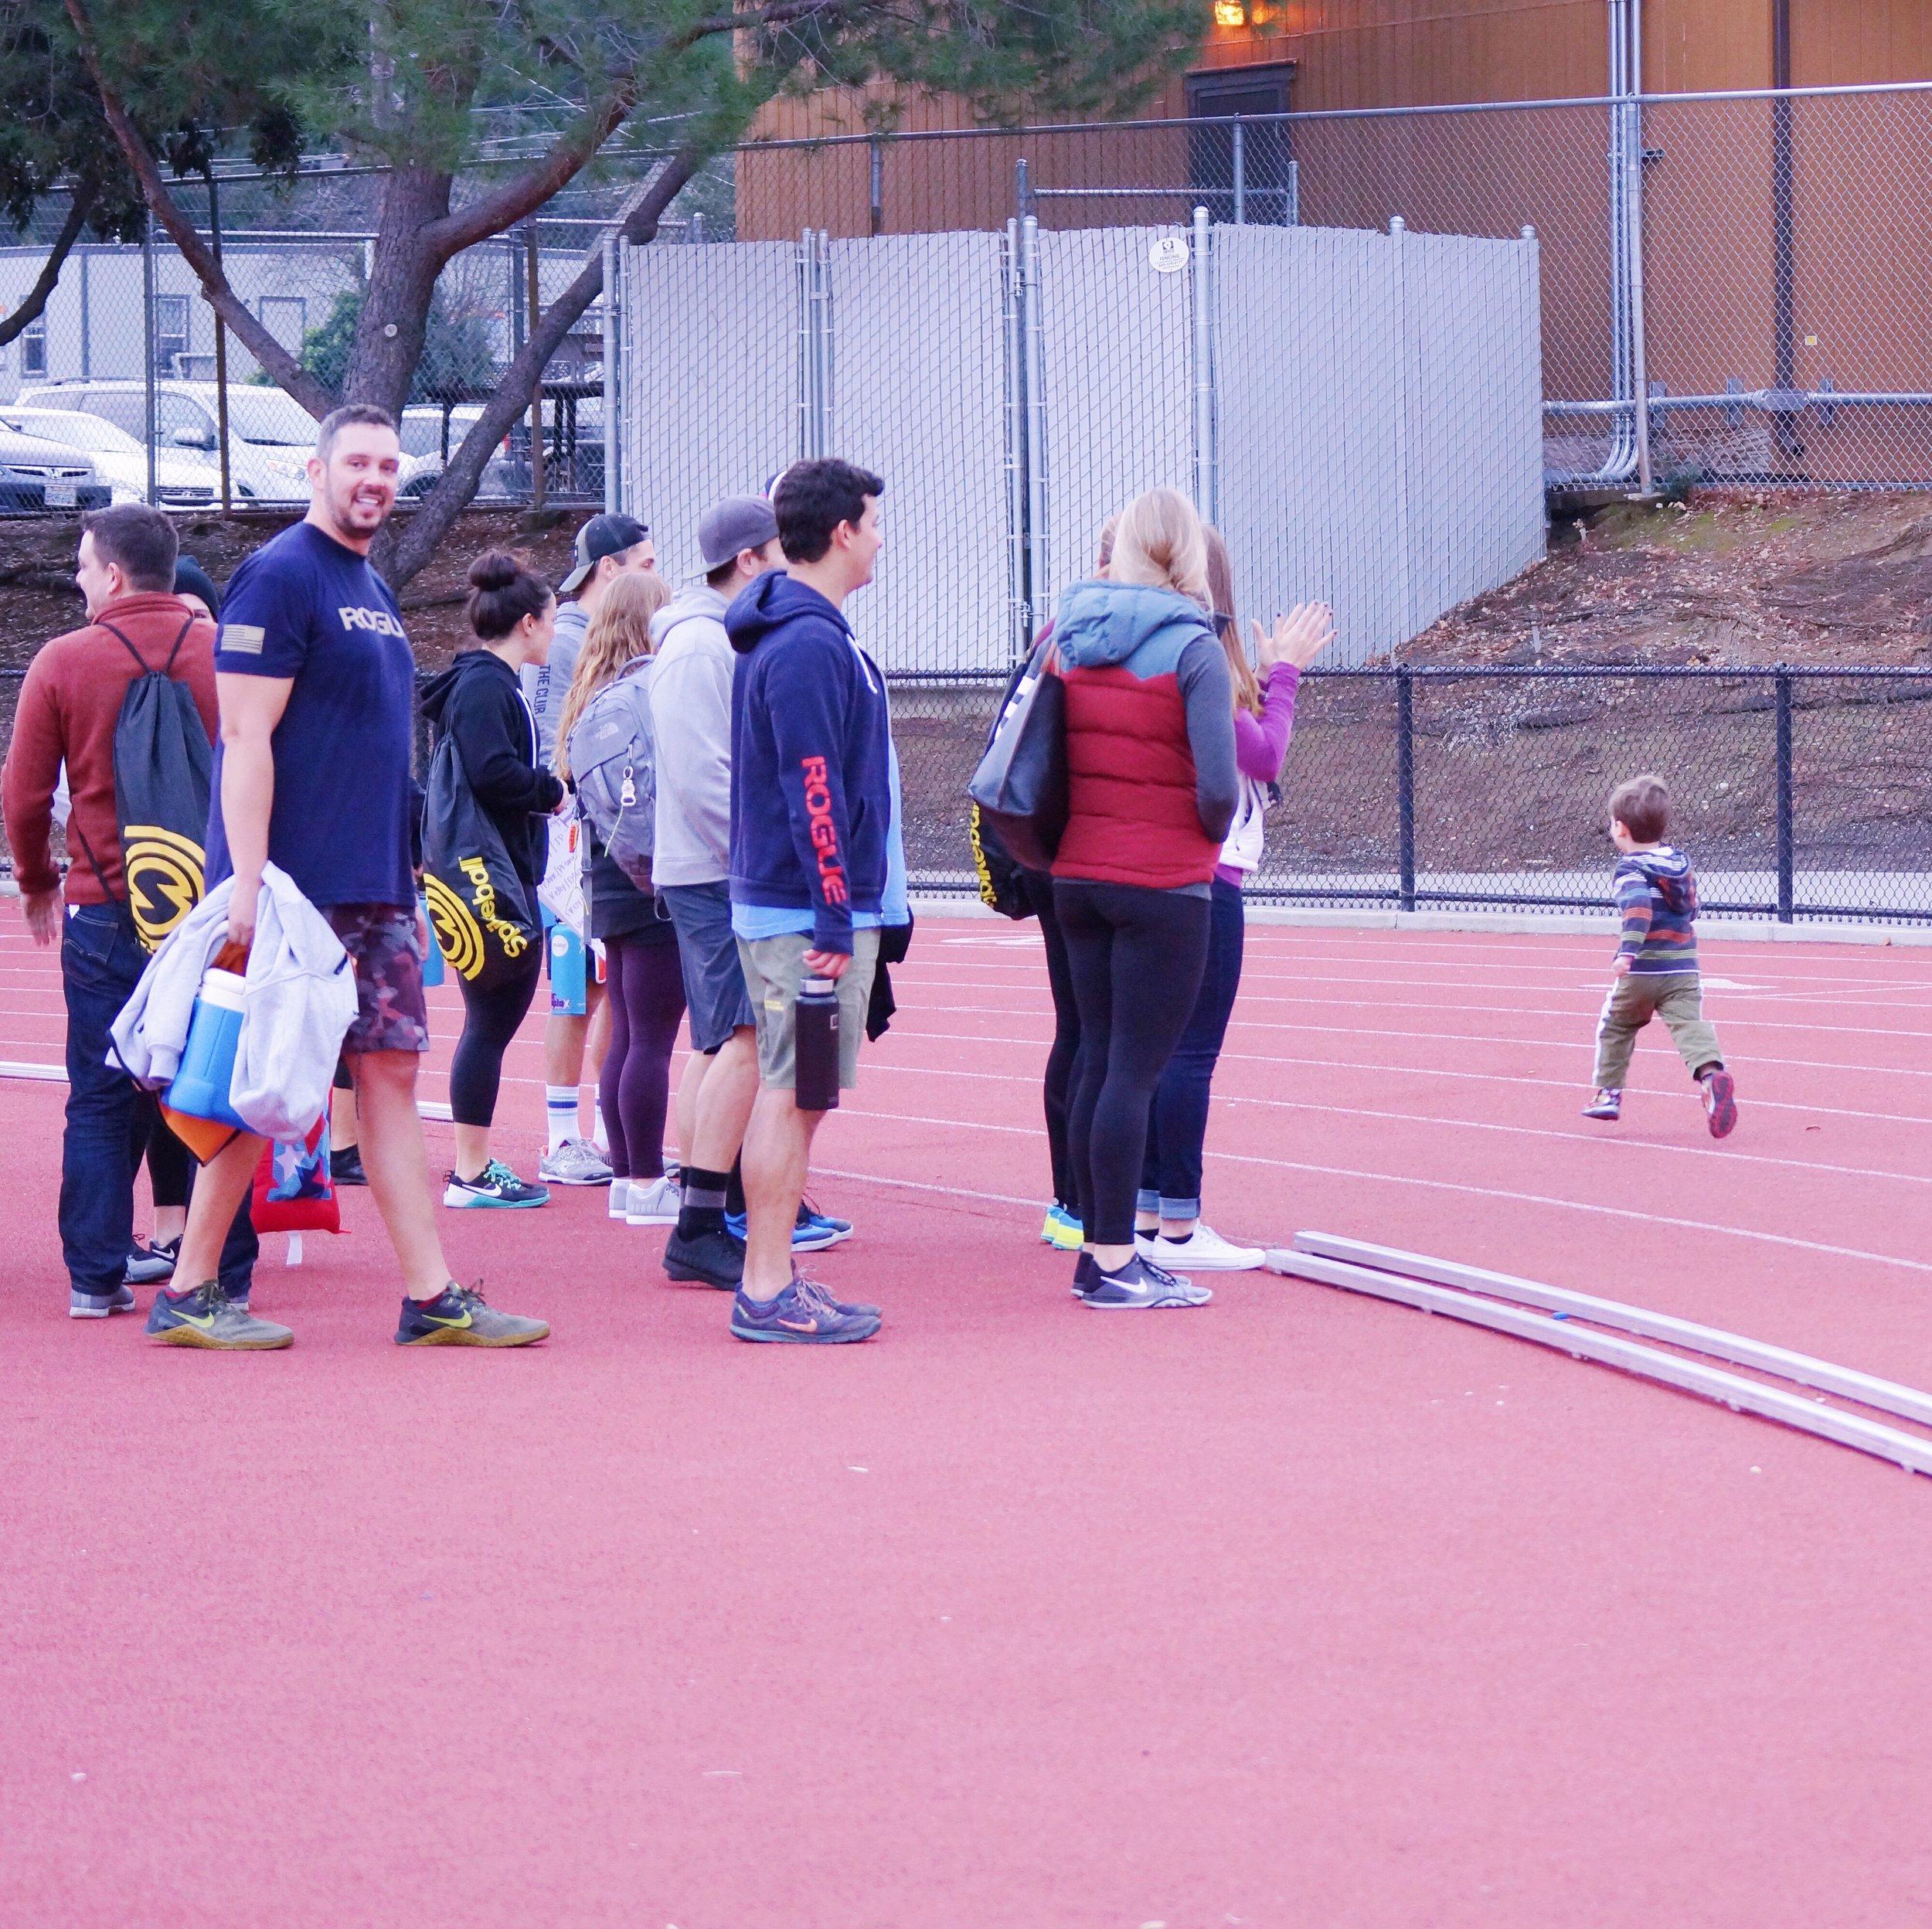 Jack Rabbits Track Club Los Gatos